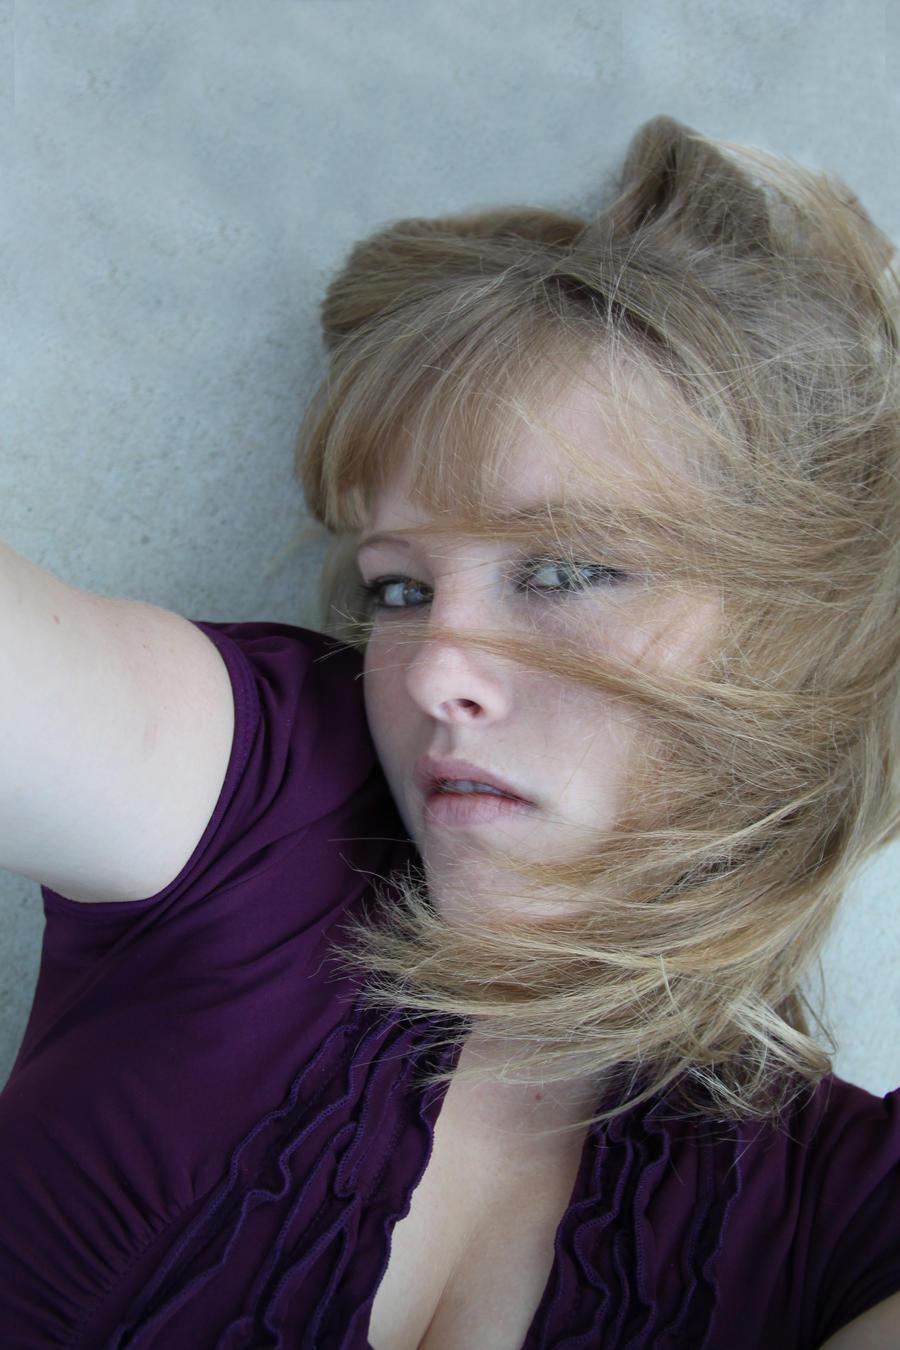 MandyisDandy247's Profile Picture